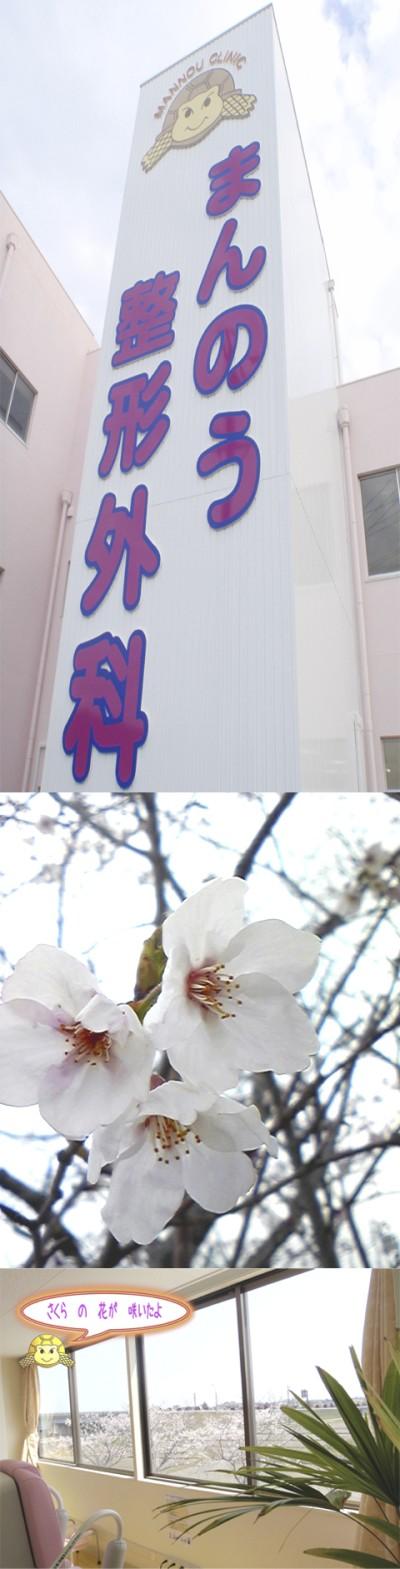 今年も桜が咲きました。